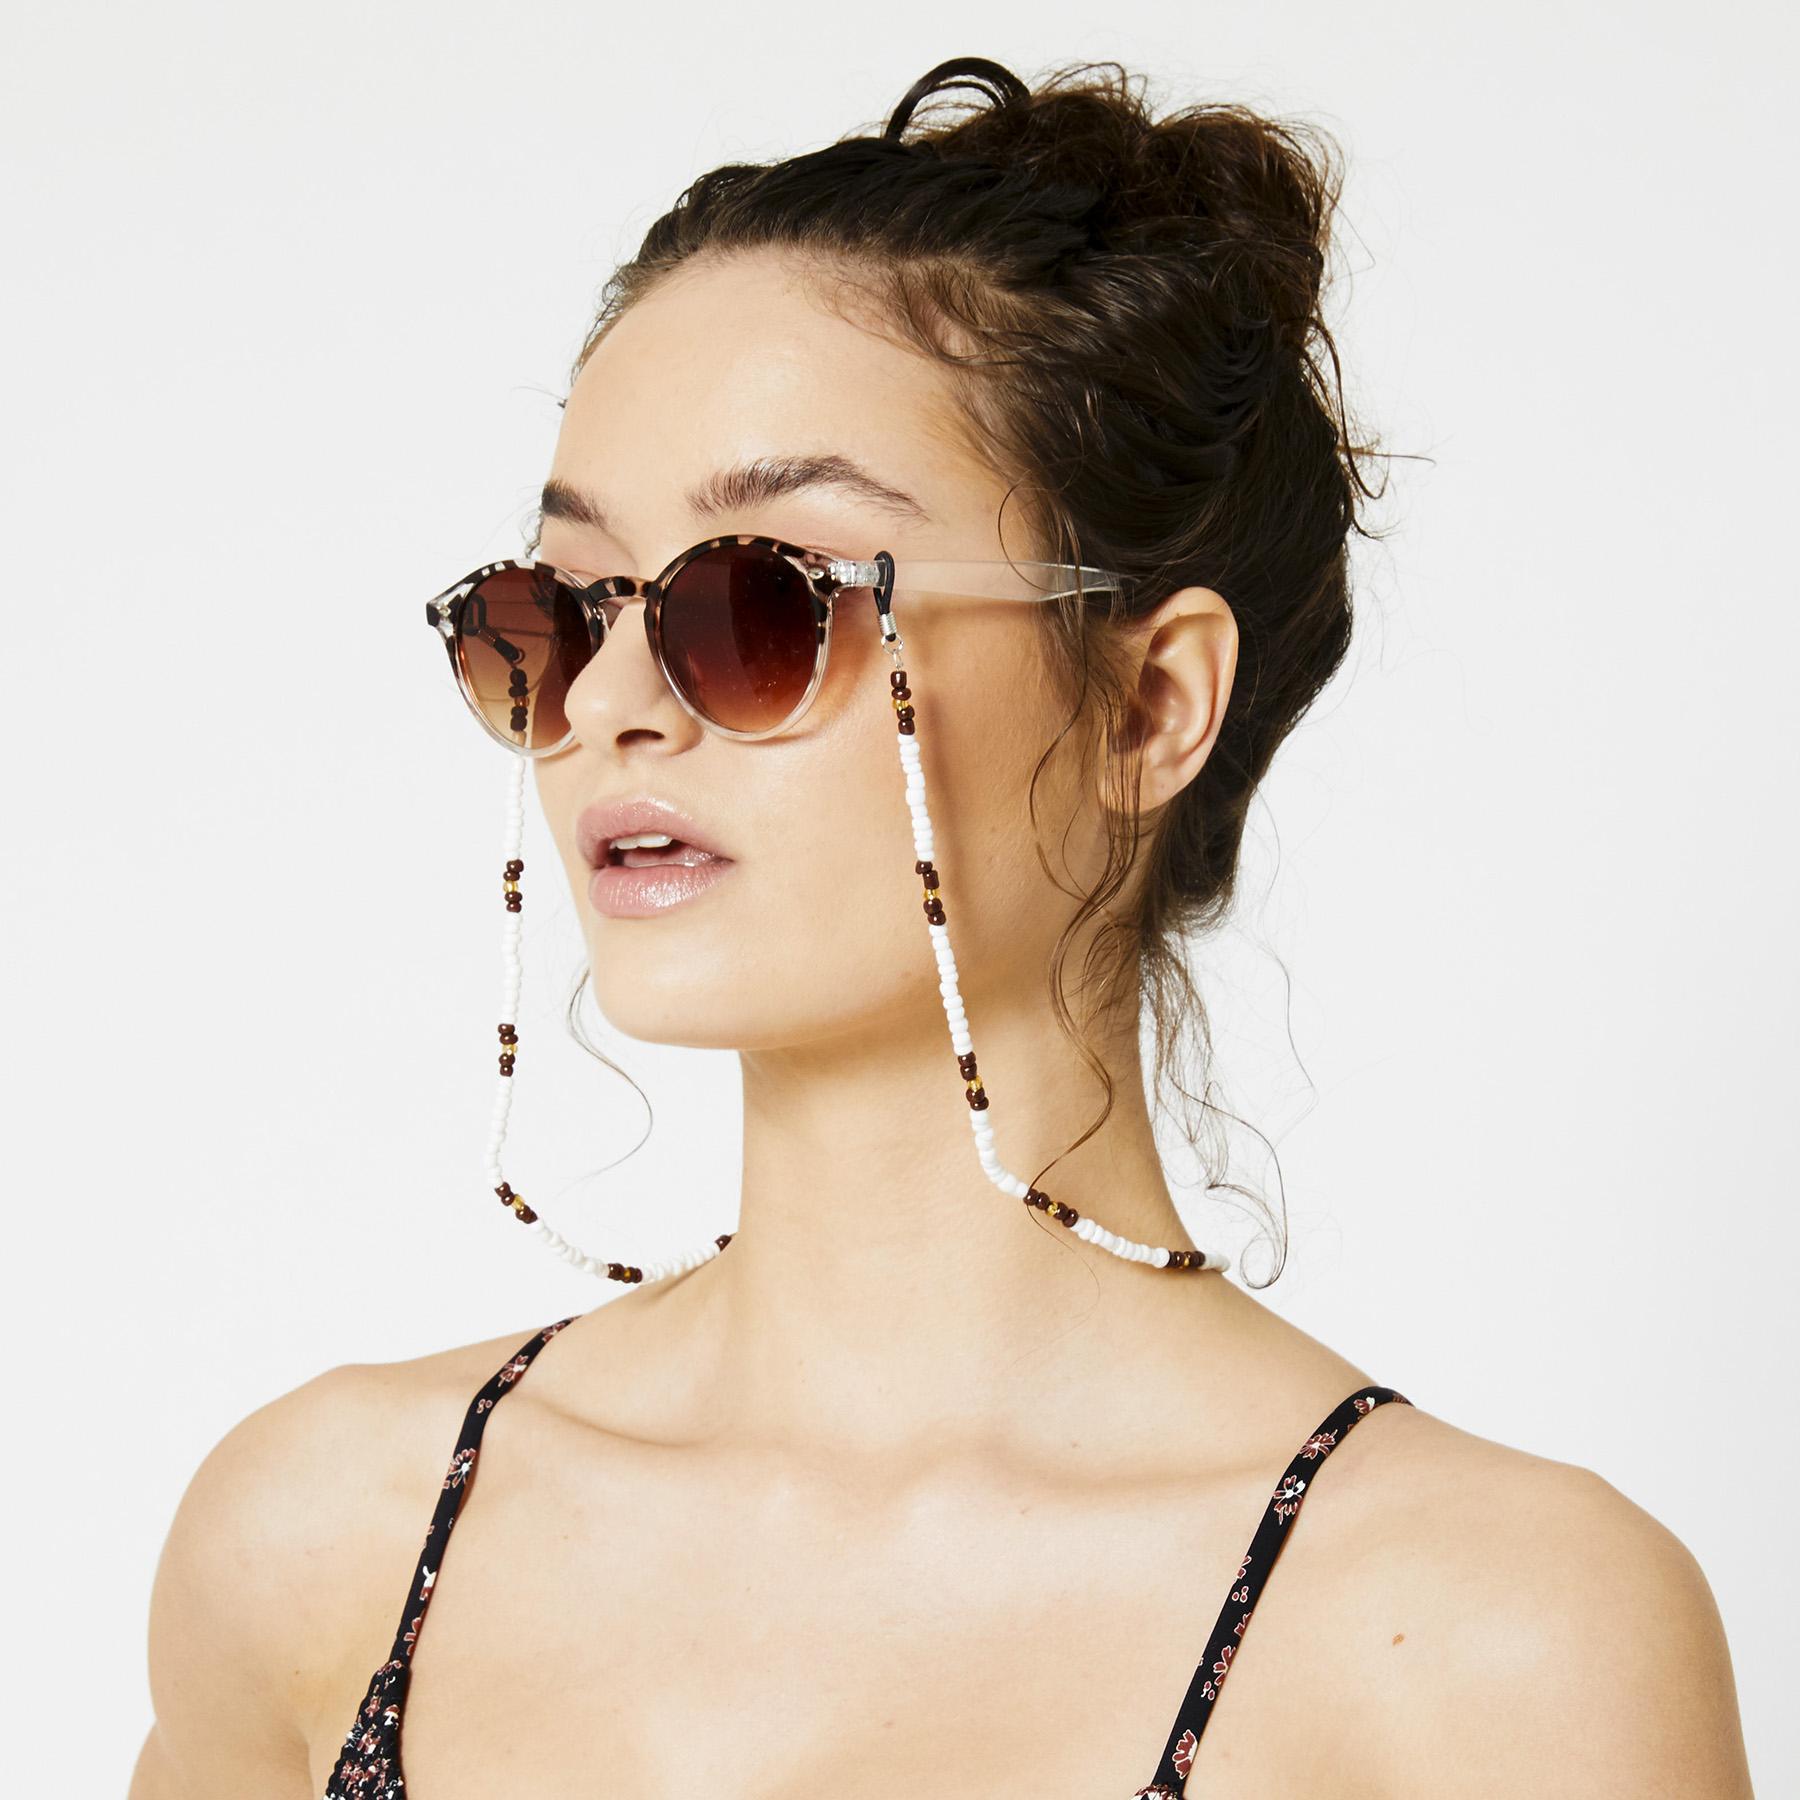 Sunglasses cord Sunny cord